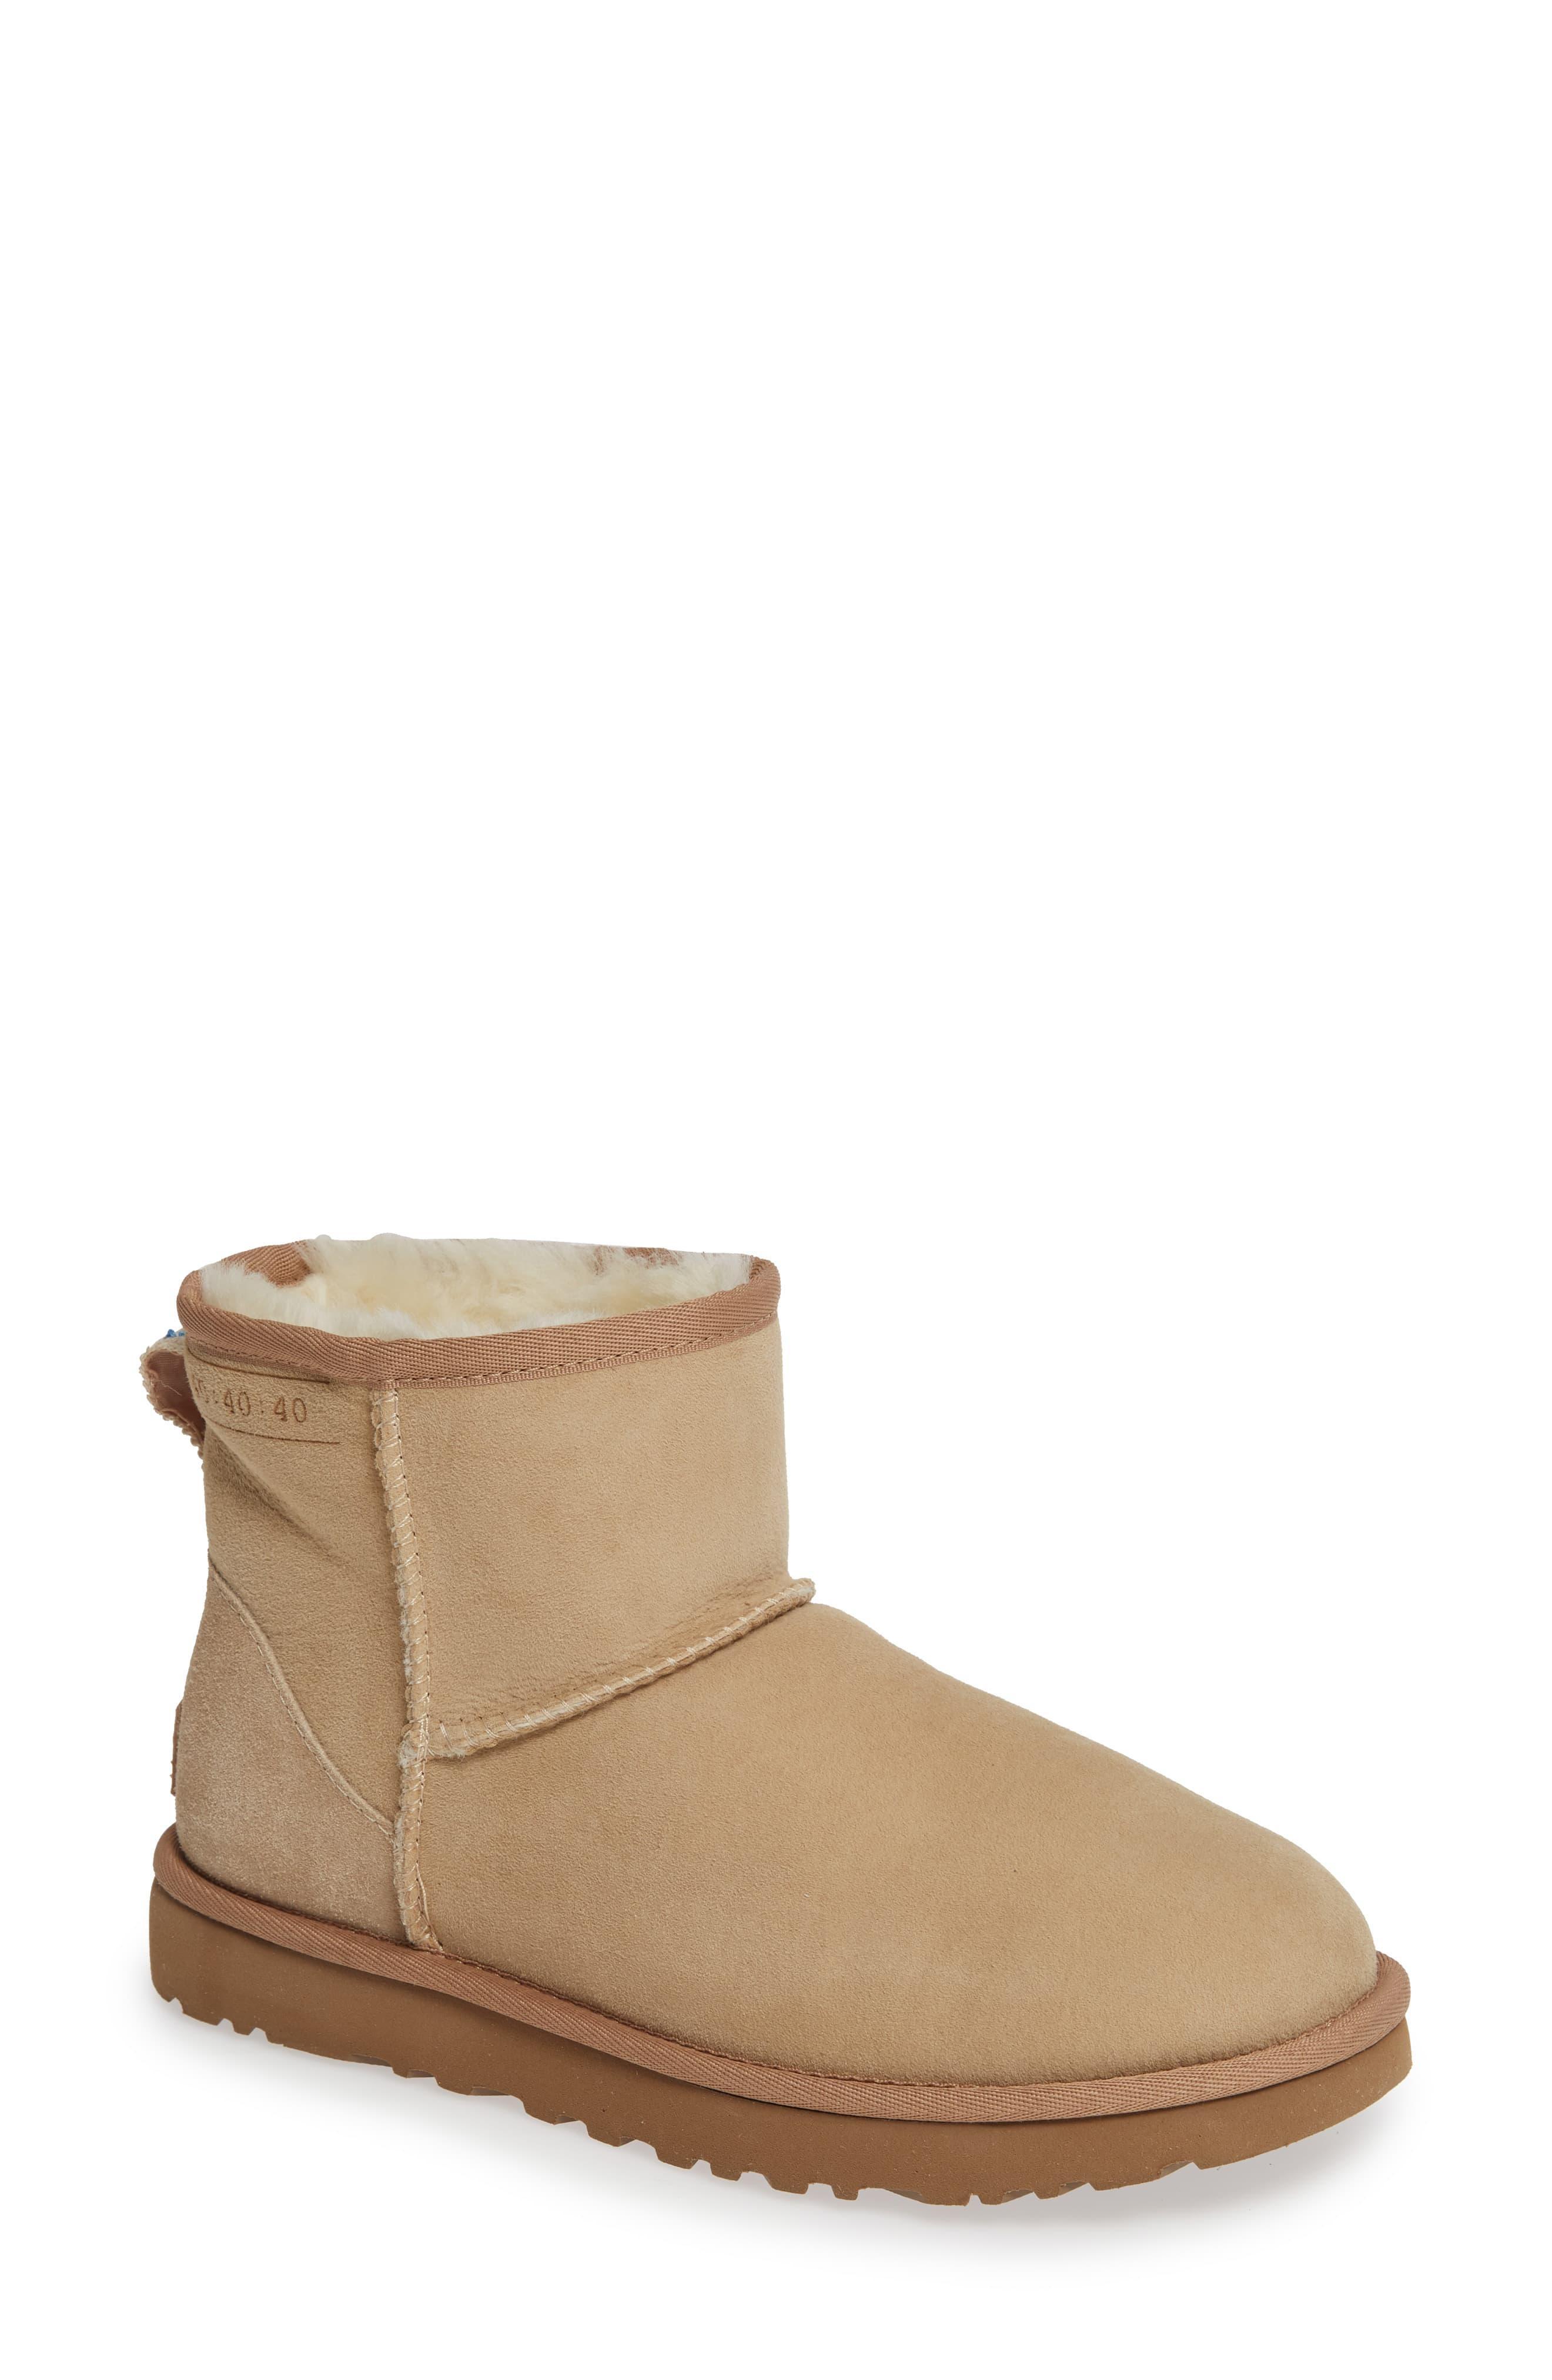 427209f6e01 Women's Natural Ugg Classic Mini 40:40:40 Anniversary Boot